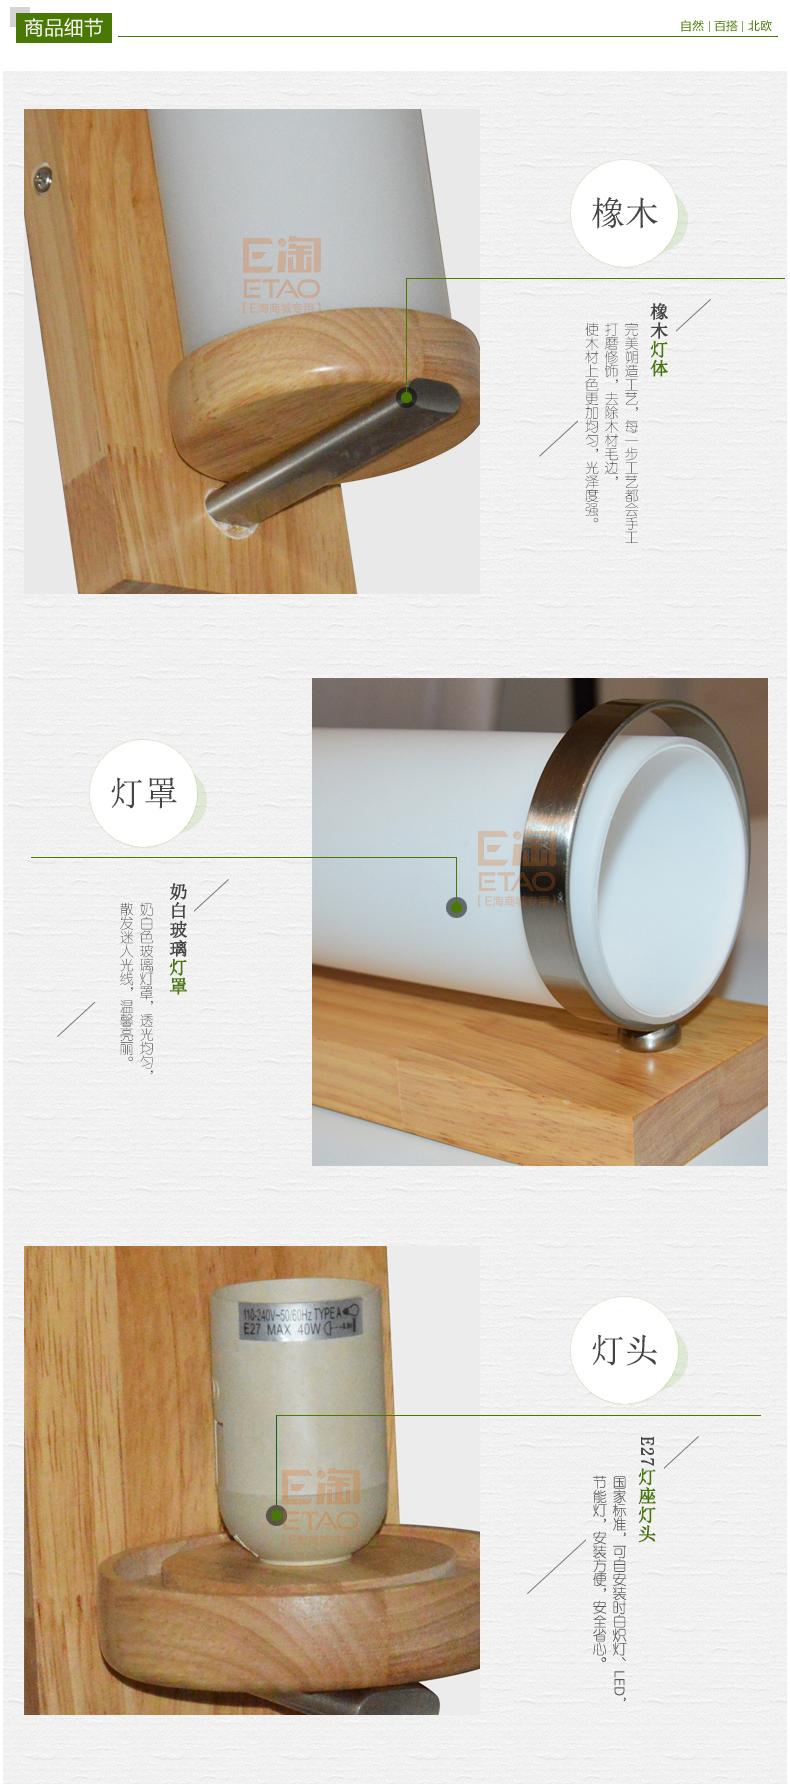 宝尚木灯6025 (3)